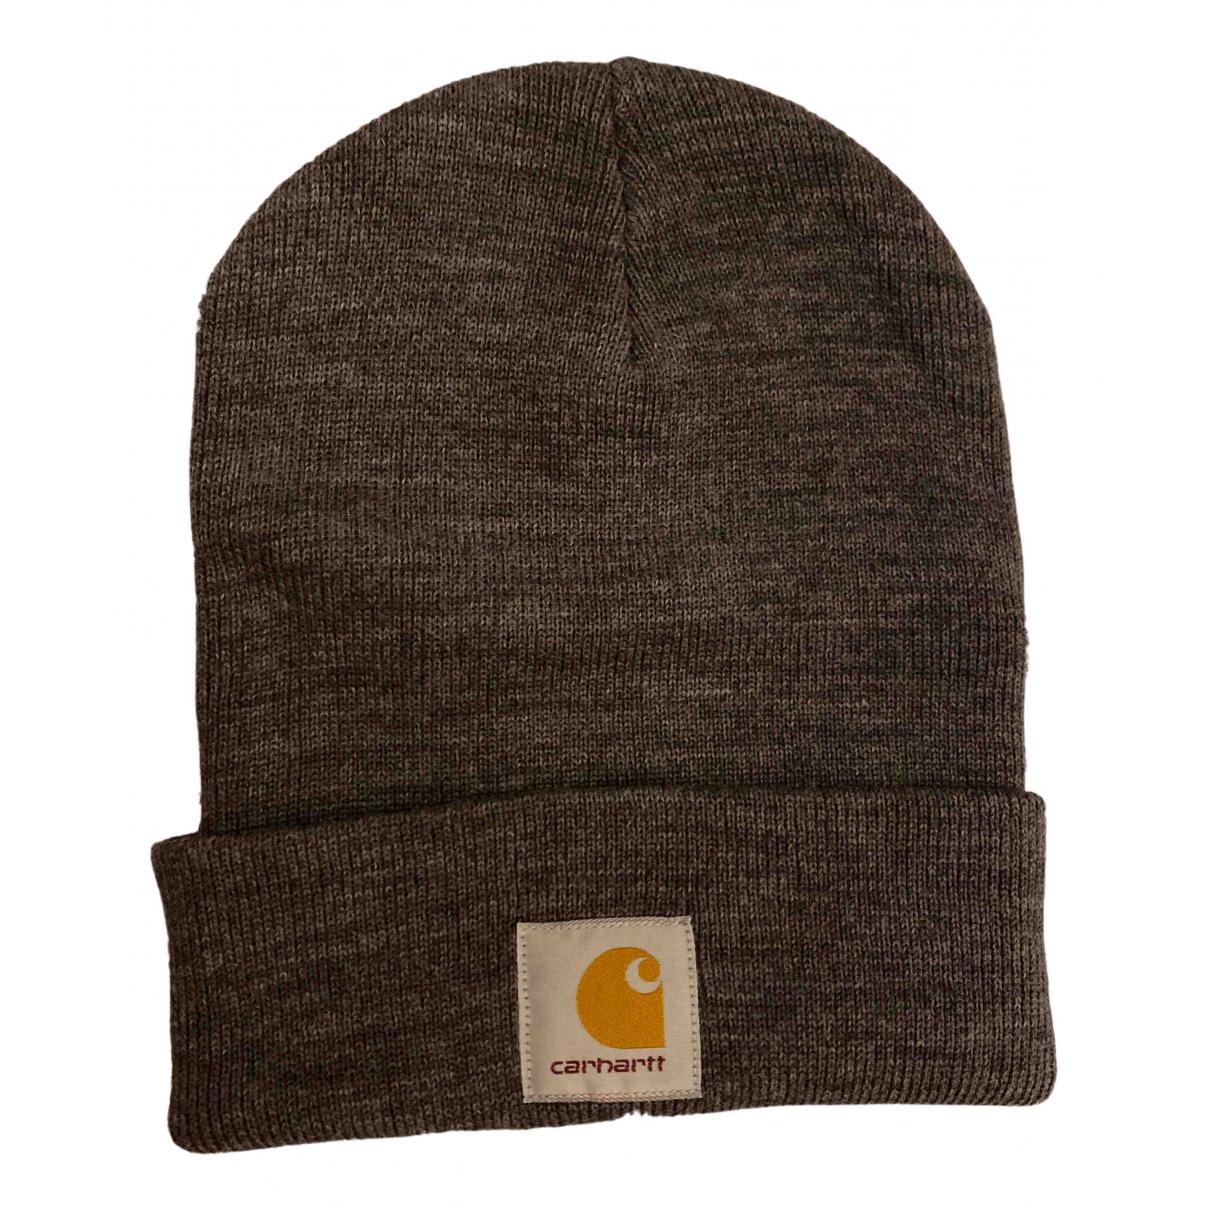 Sombrero / gorro Carhartt